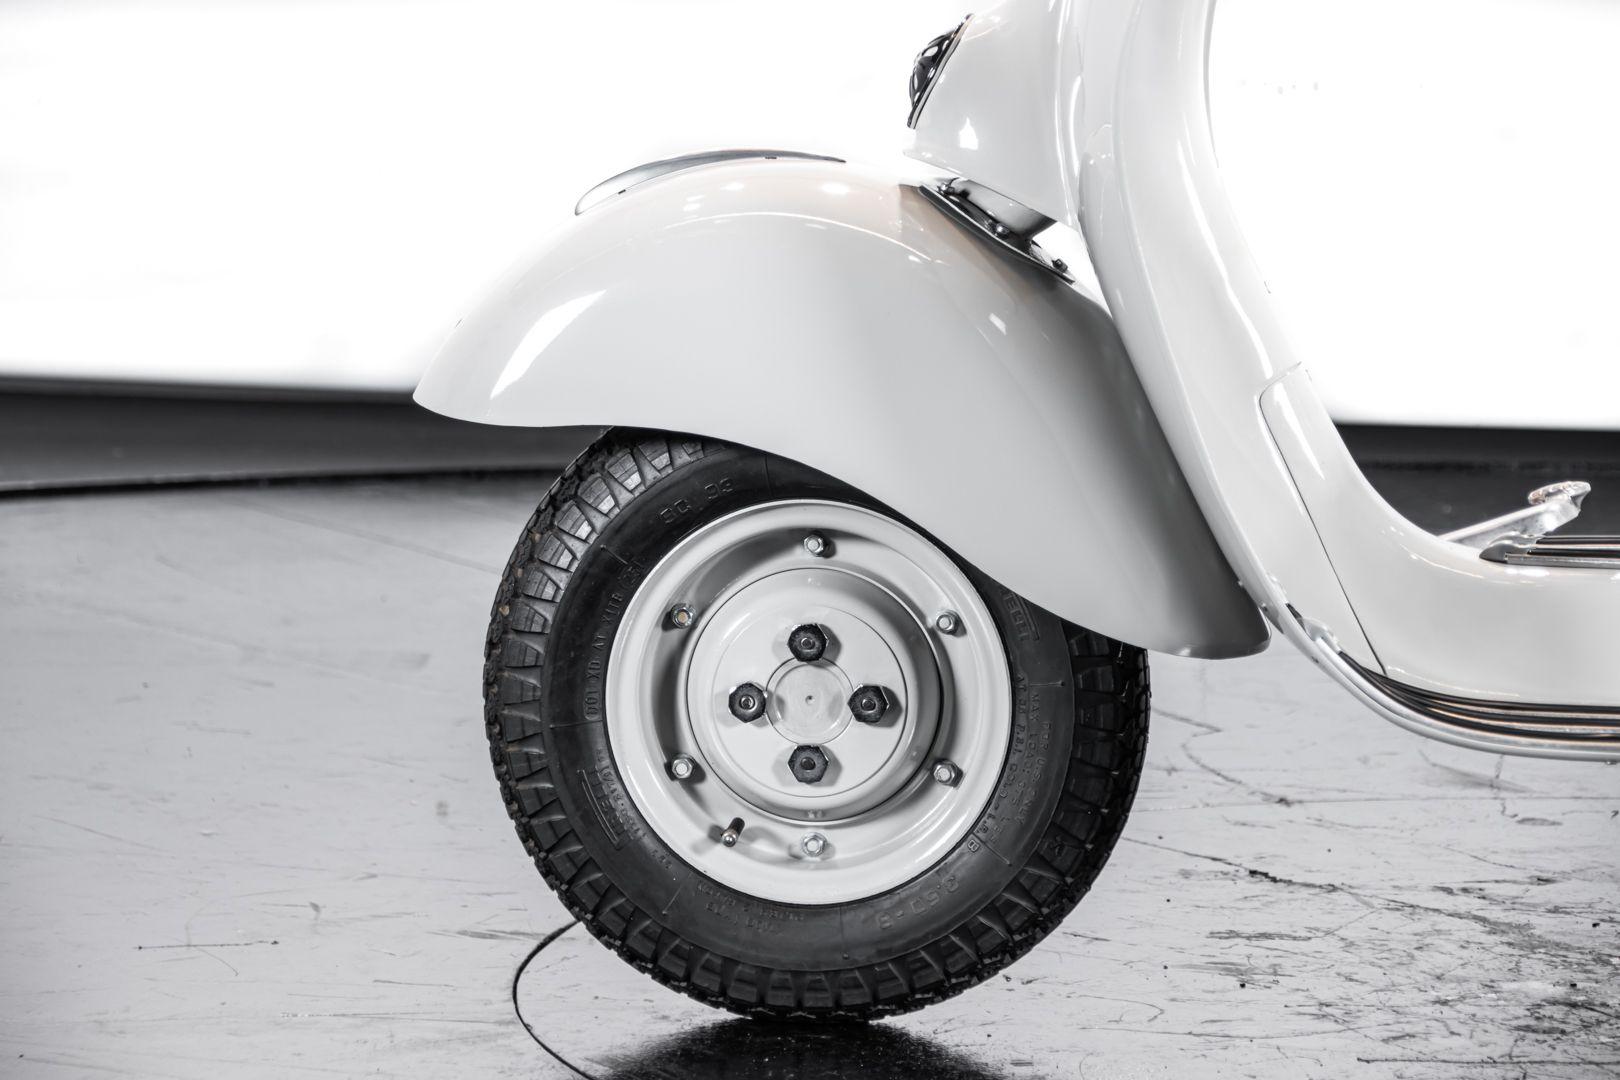 1958 Piaggio Vespa 125 72282